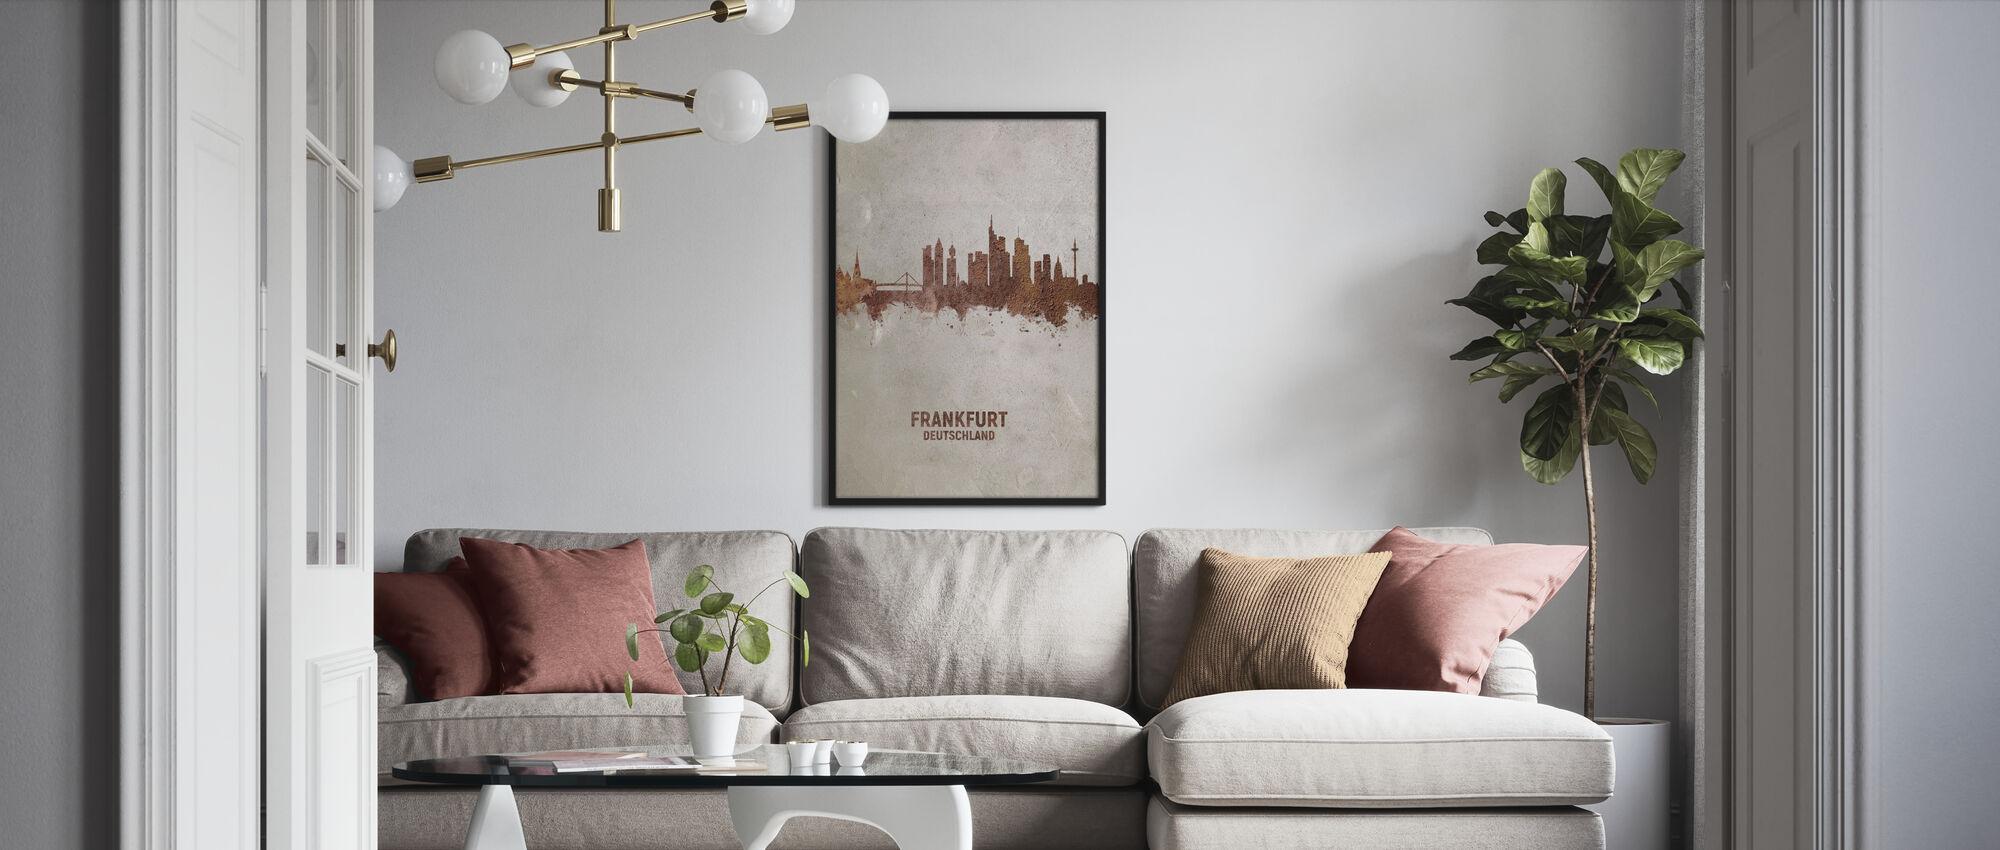 Frankfurt Deutschland Skyline Rust - Poster - Wohnzimmer